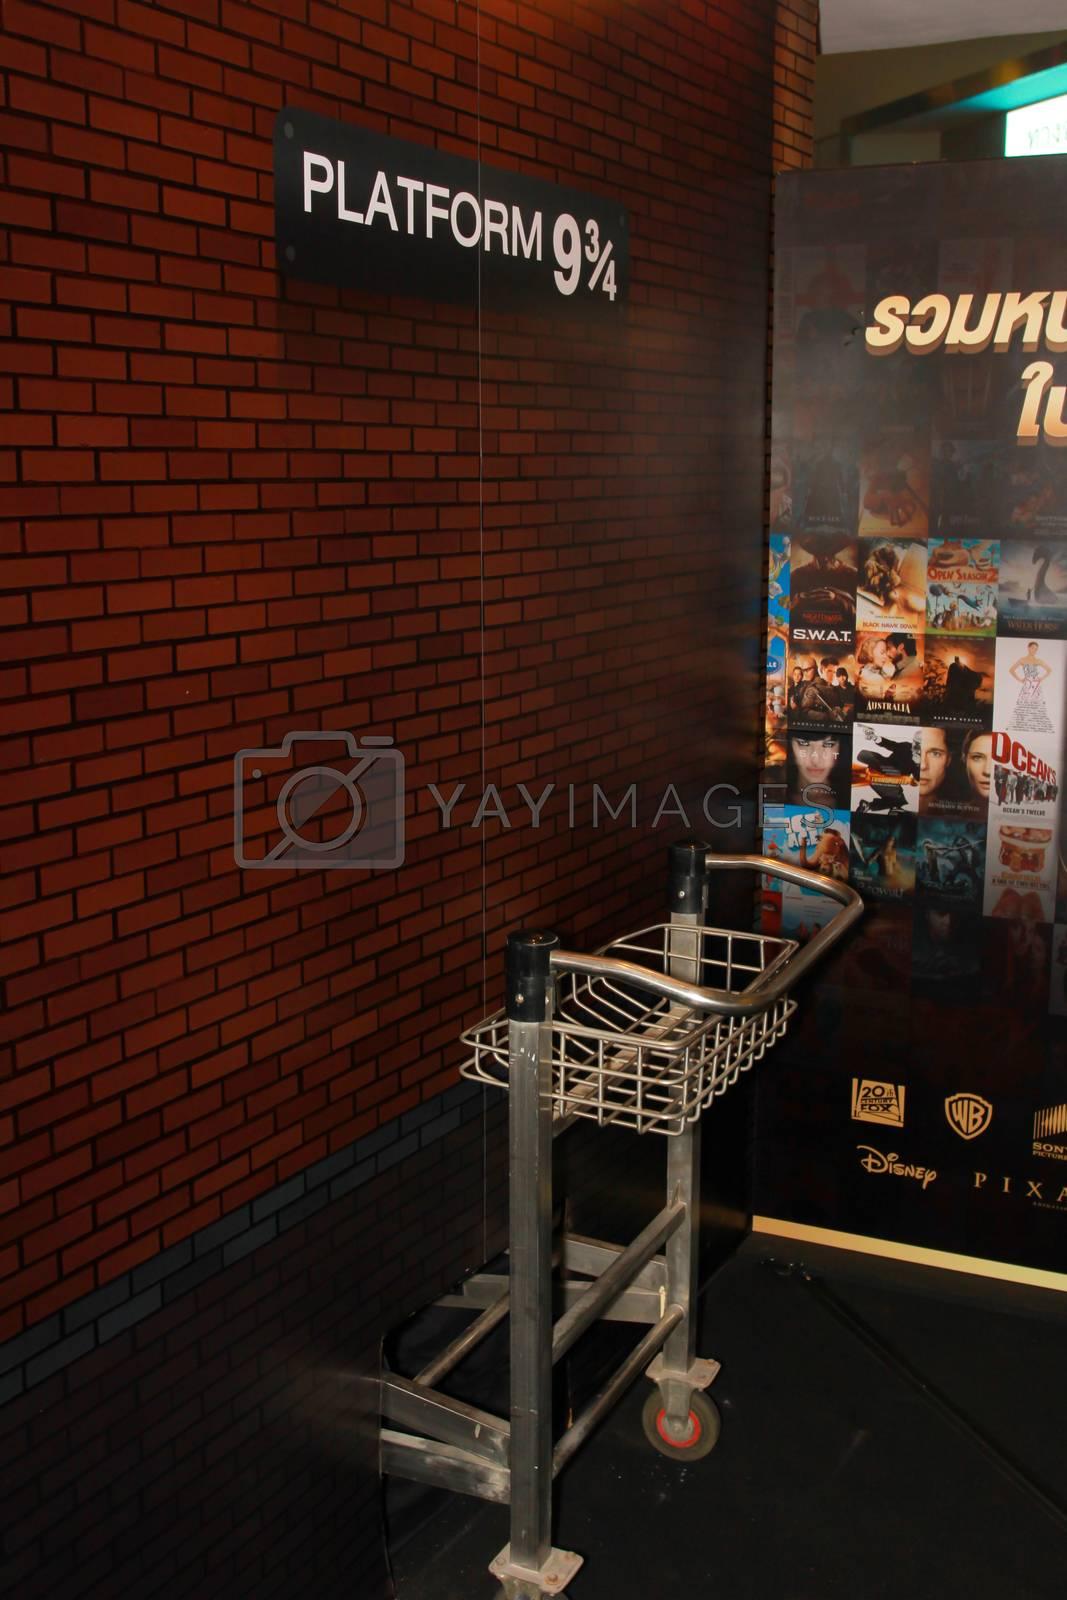 BANGKOK - MAY. 11: A Platform 9 3/4 model with unidentified model in Thailand Comic Con 2014 on May 11, 2014 at Siam Paragon, Bangkok, Thailand.